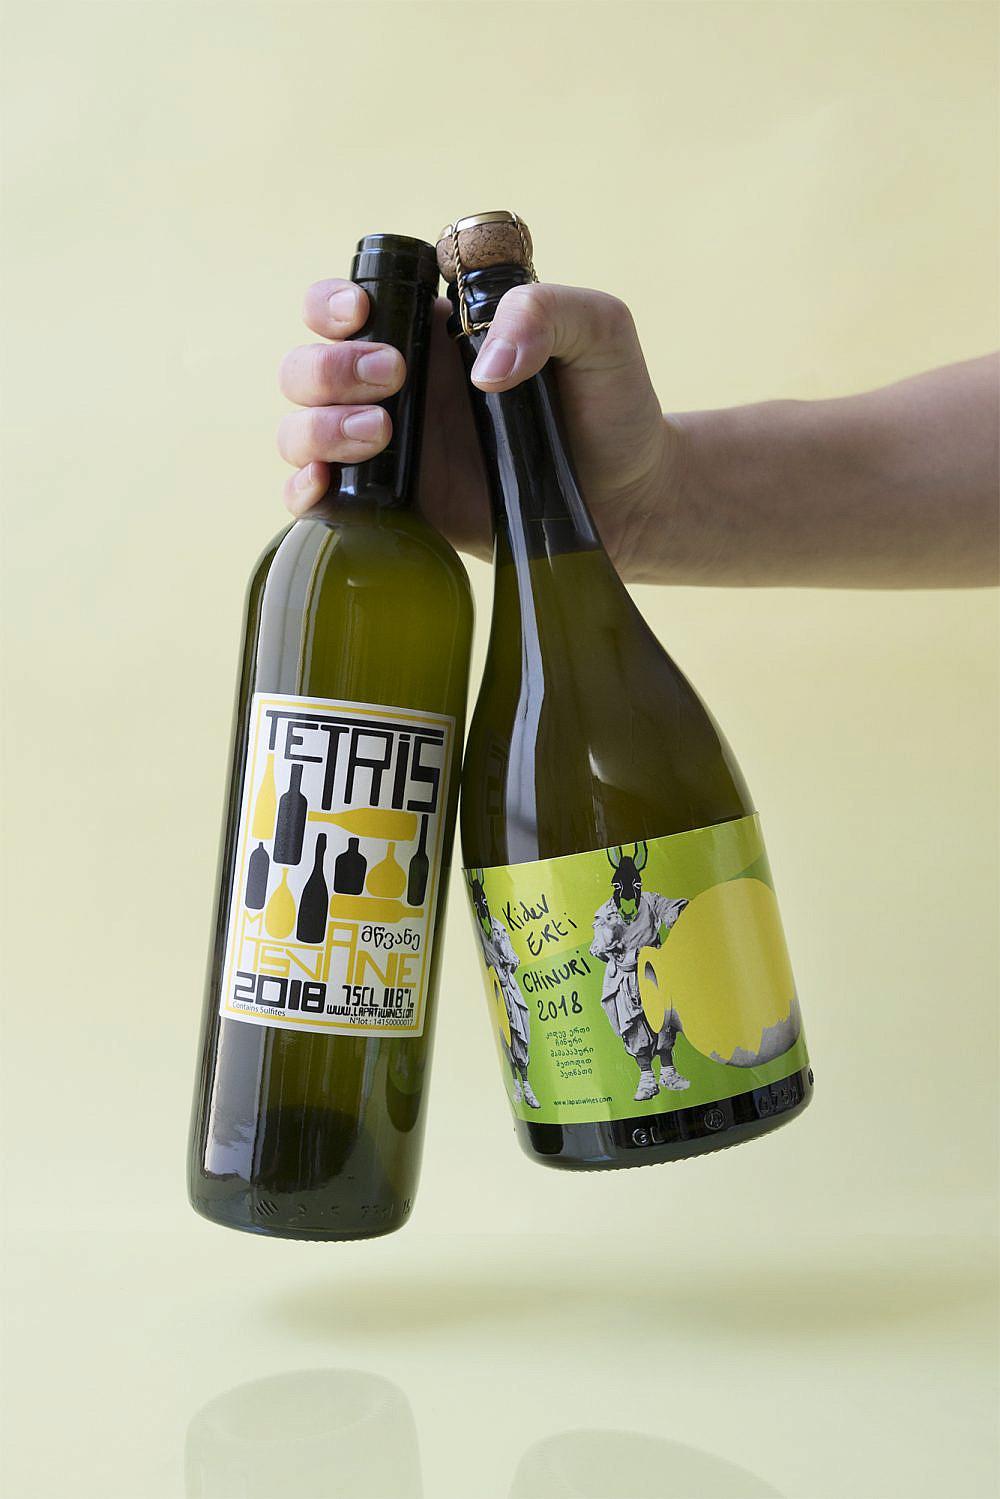 רצון וצורך לחלוק יינות טבעיים של יינות עסיס. צילום: מיכל לופט